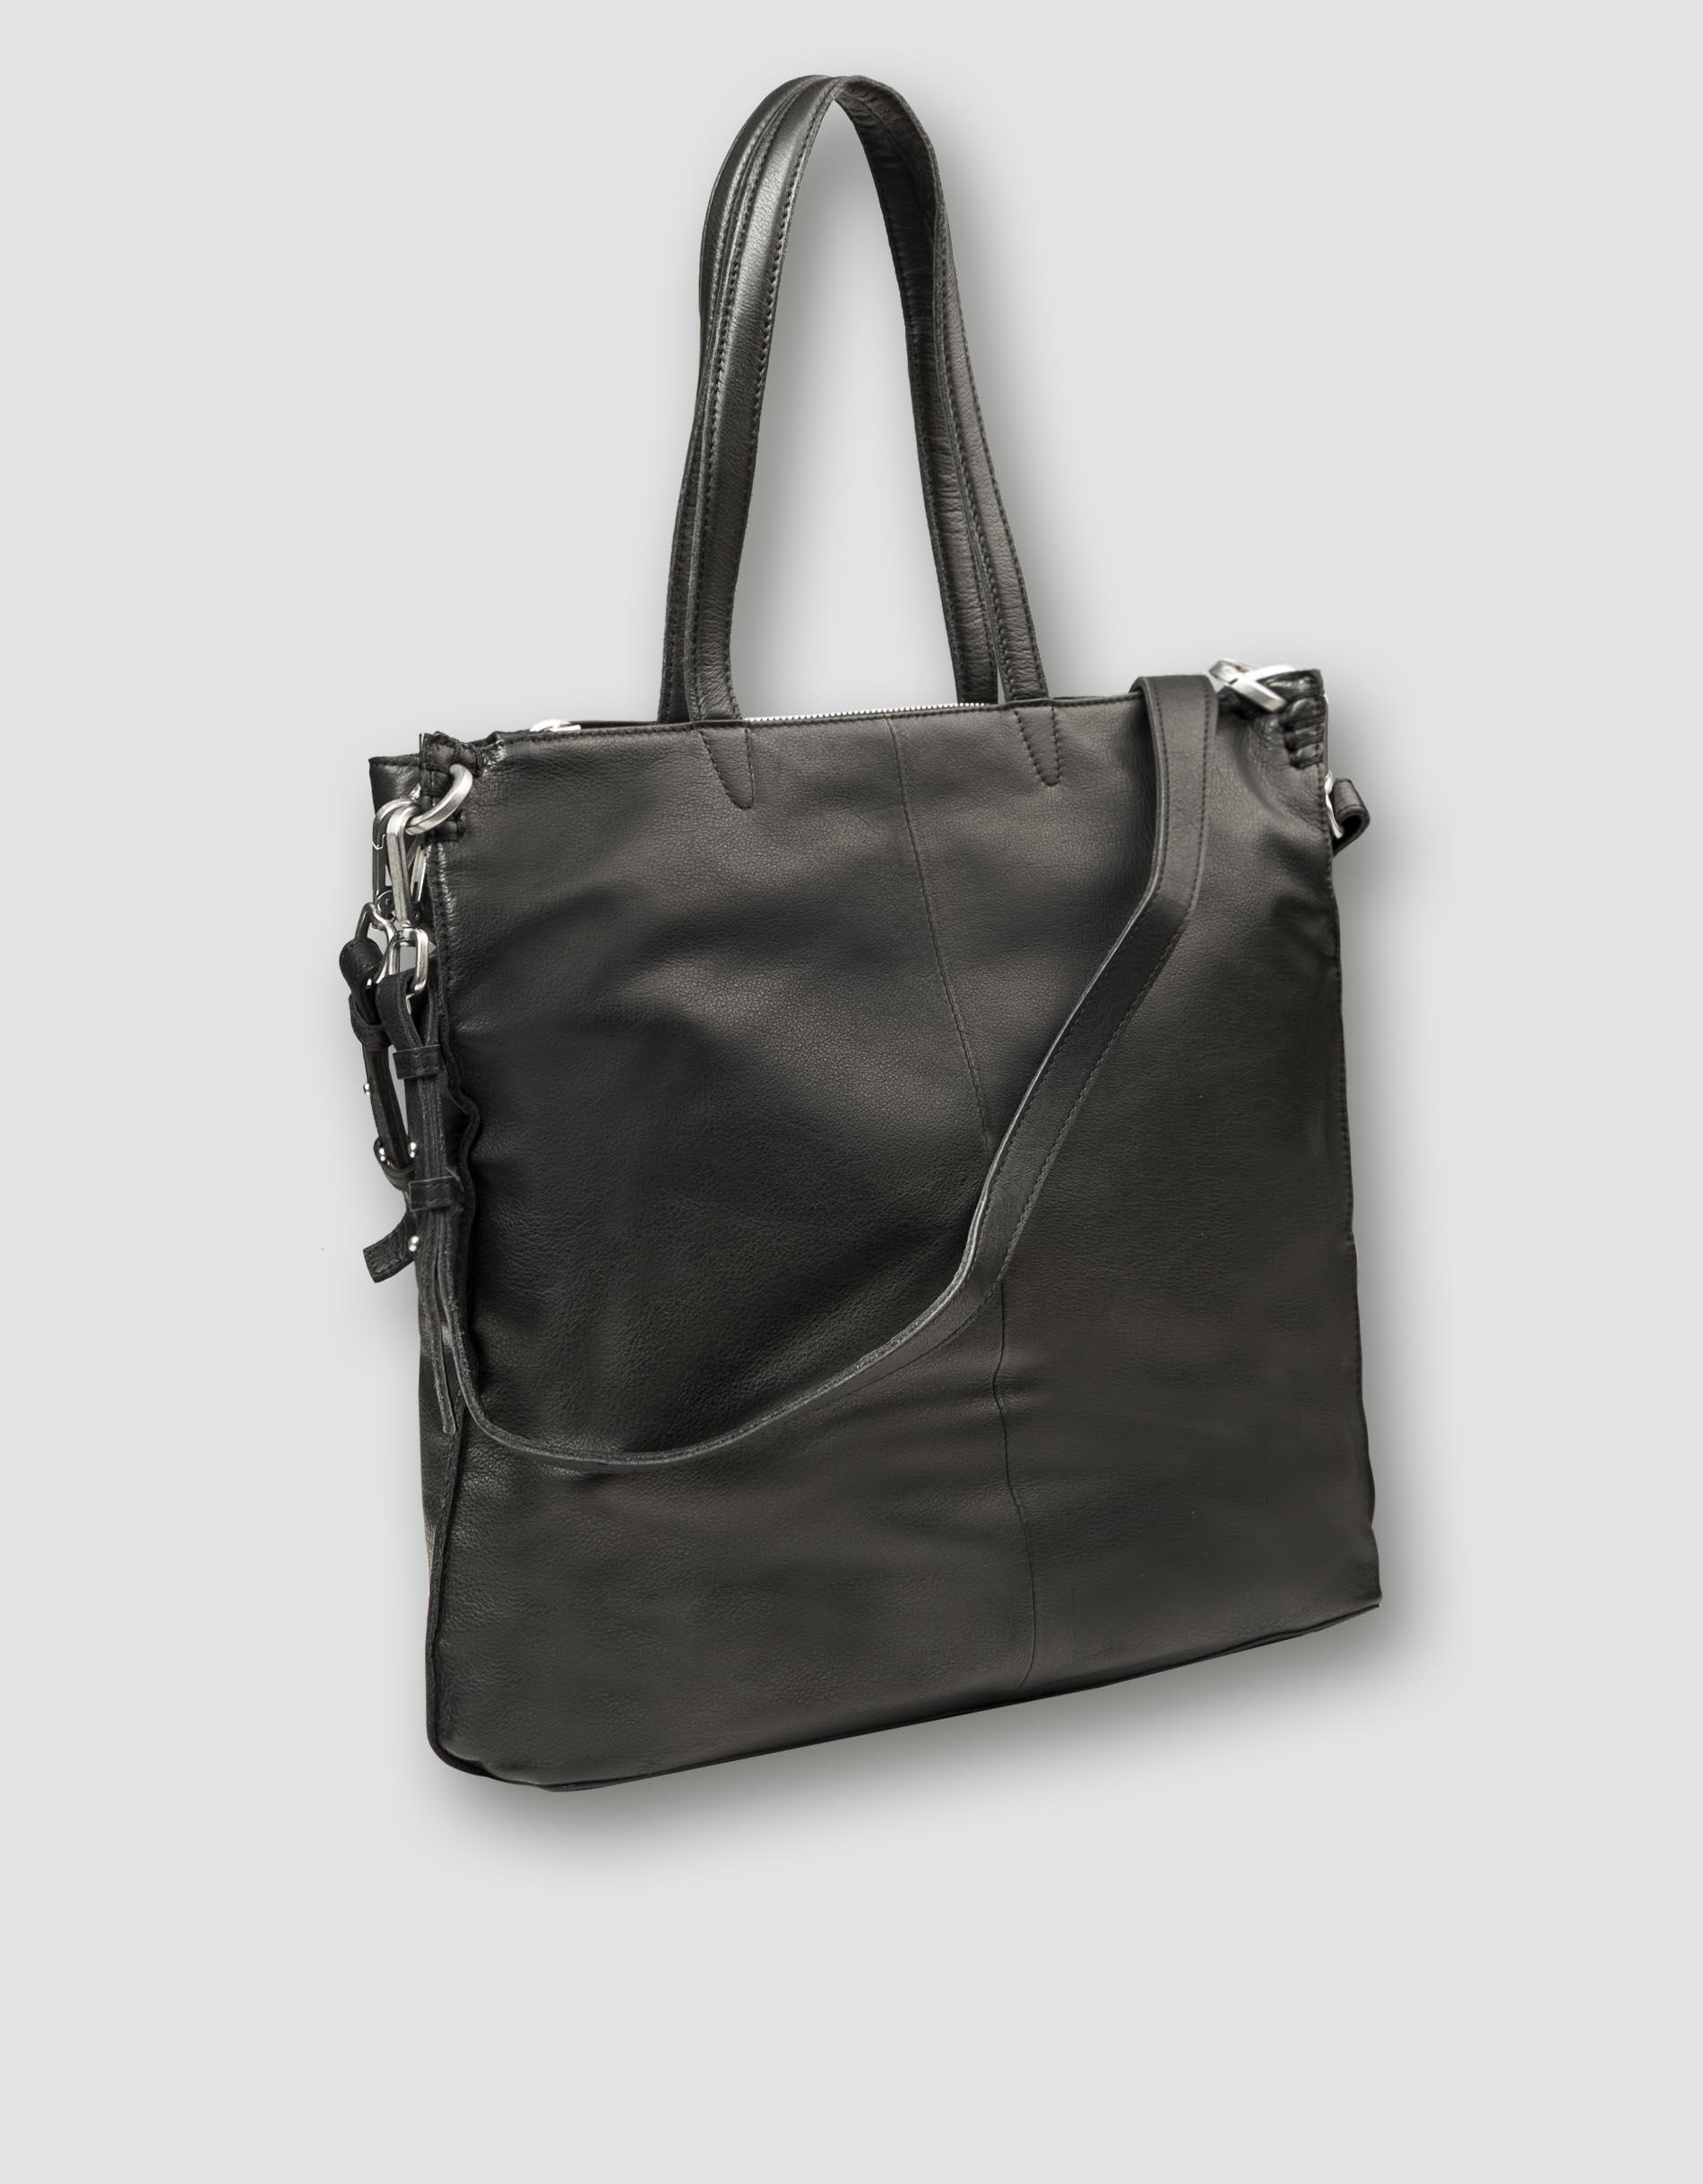 marc o 39 polo damen tasche mit verschiedenen tragevarianten empfohlen von deinen schwestern. Black Bedroom Furniture Sets. Home Design Ideas